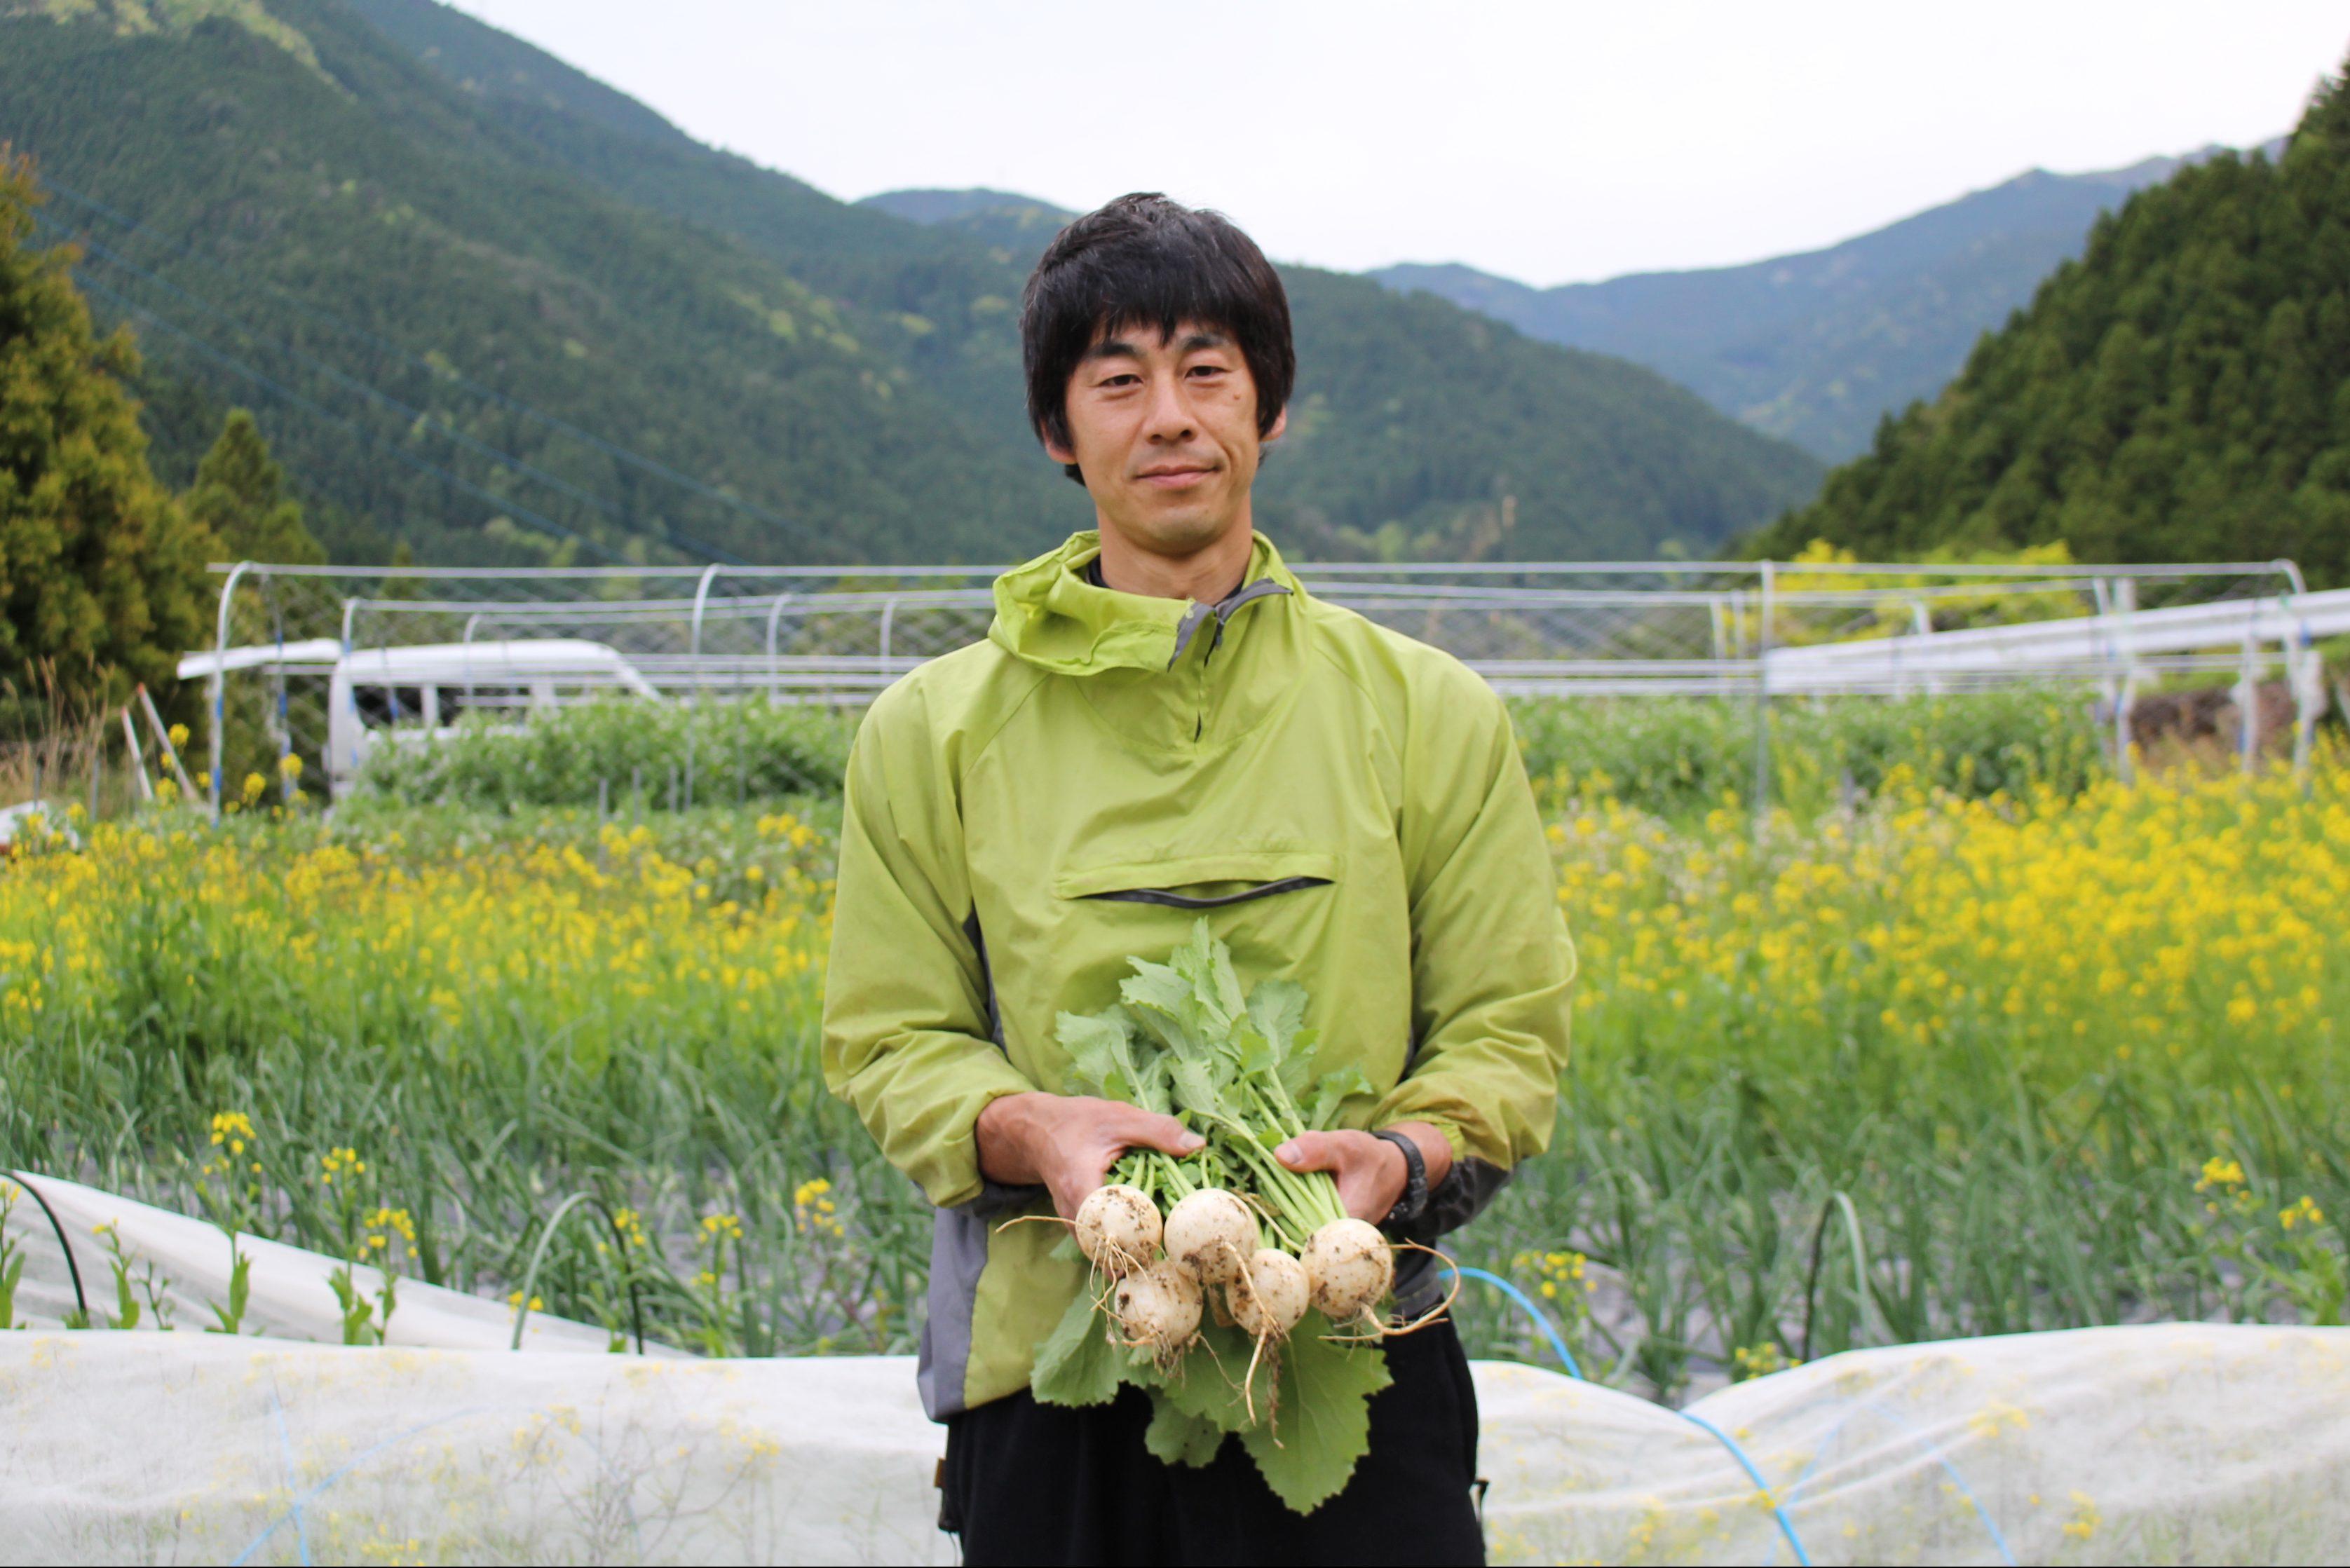 里山を次世代に。有機農業による挑戦。